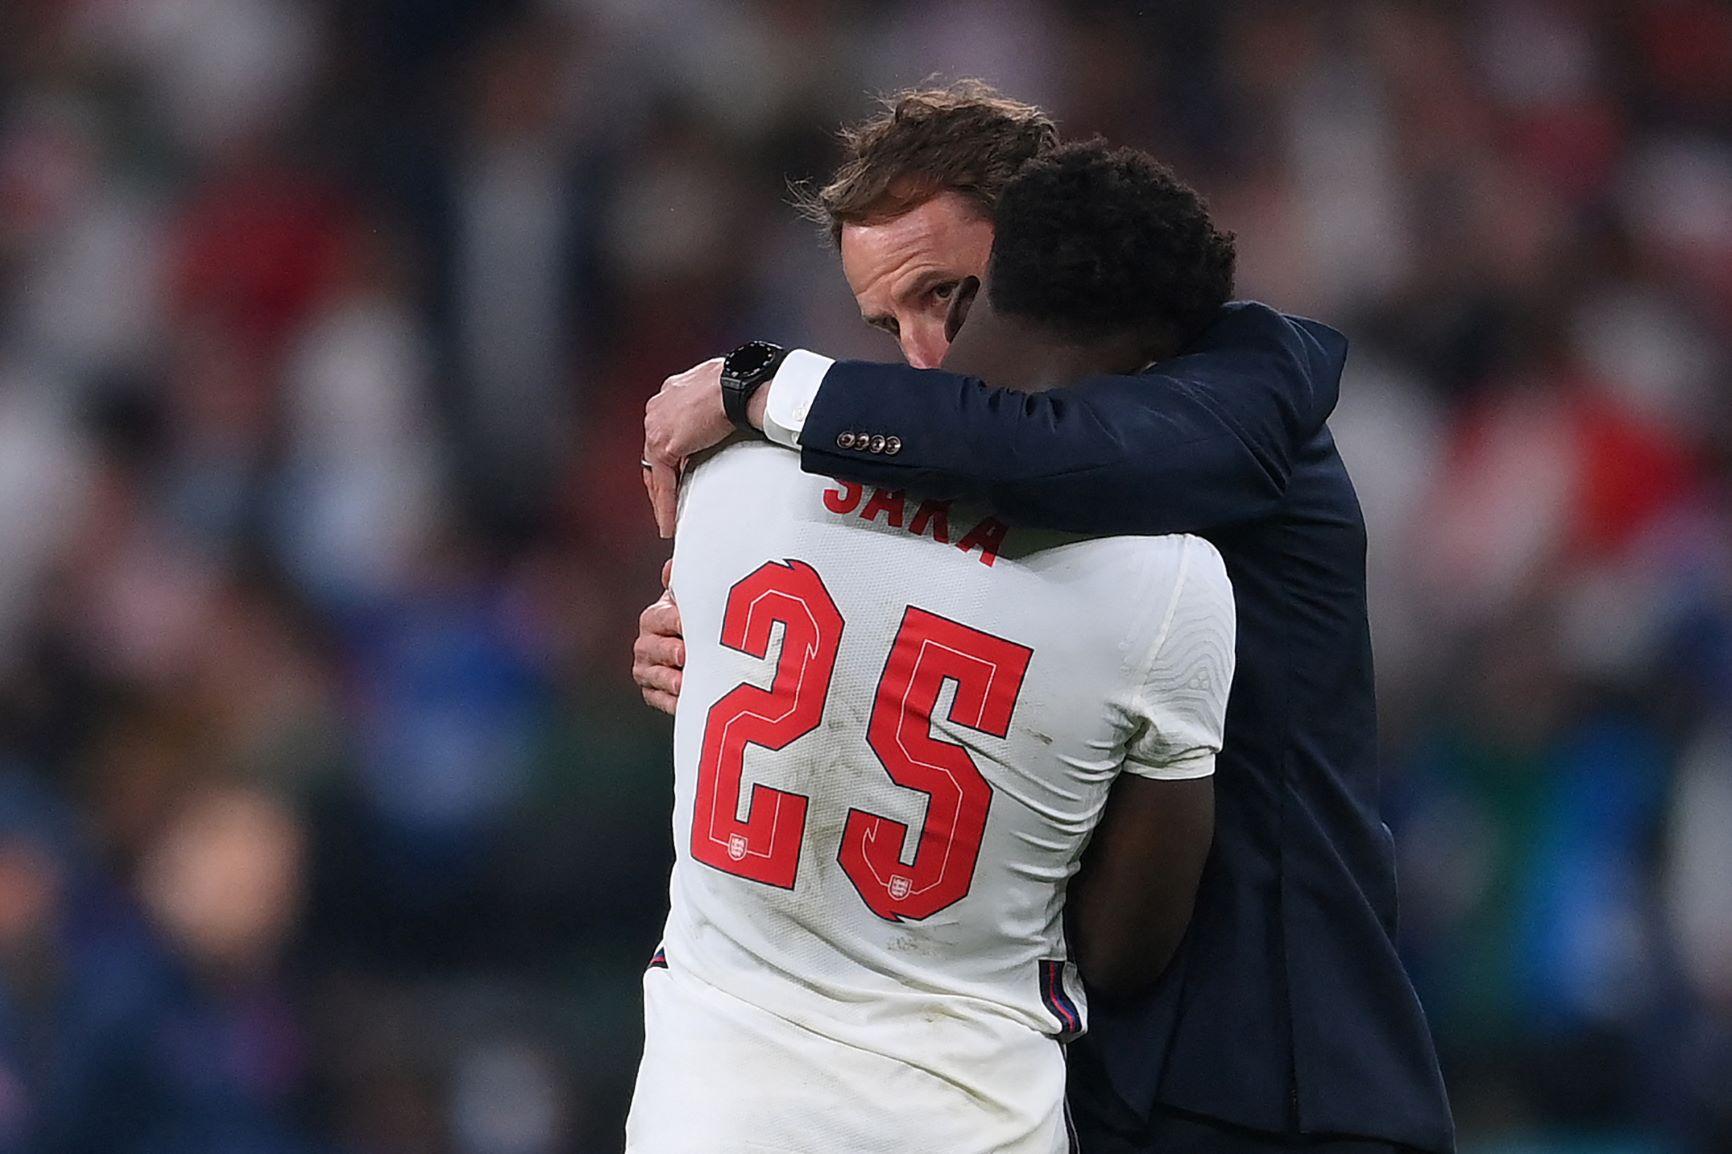 Técnico da Inglaterra, Gareth Southgate consola o jovem Saka, de 19 anos, após a derrota nos pênaltis: ataques racistas pelo Twitter (Foto: Laurence Griffiths / Pool / AFP - 11/07/2021)